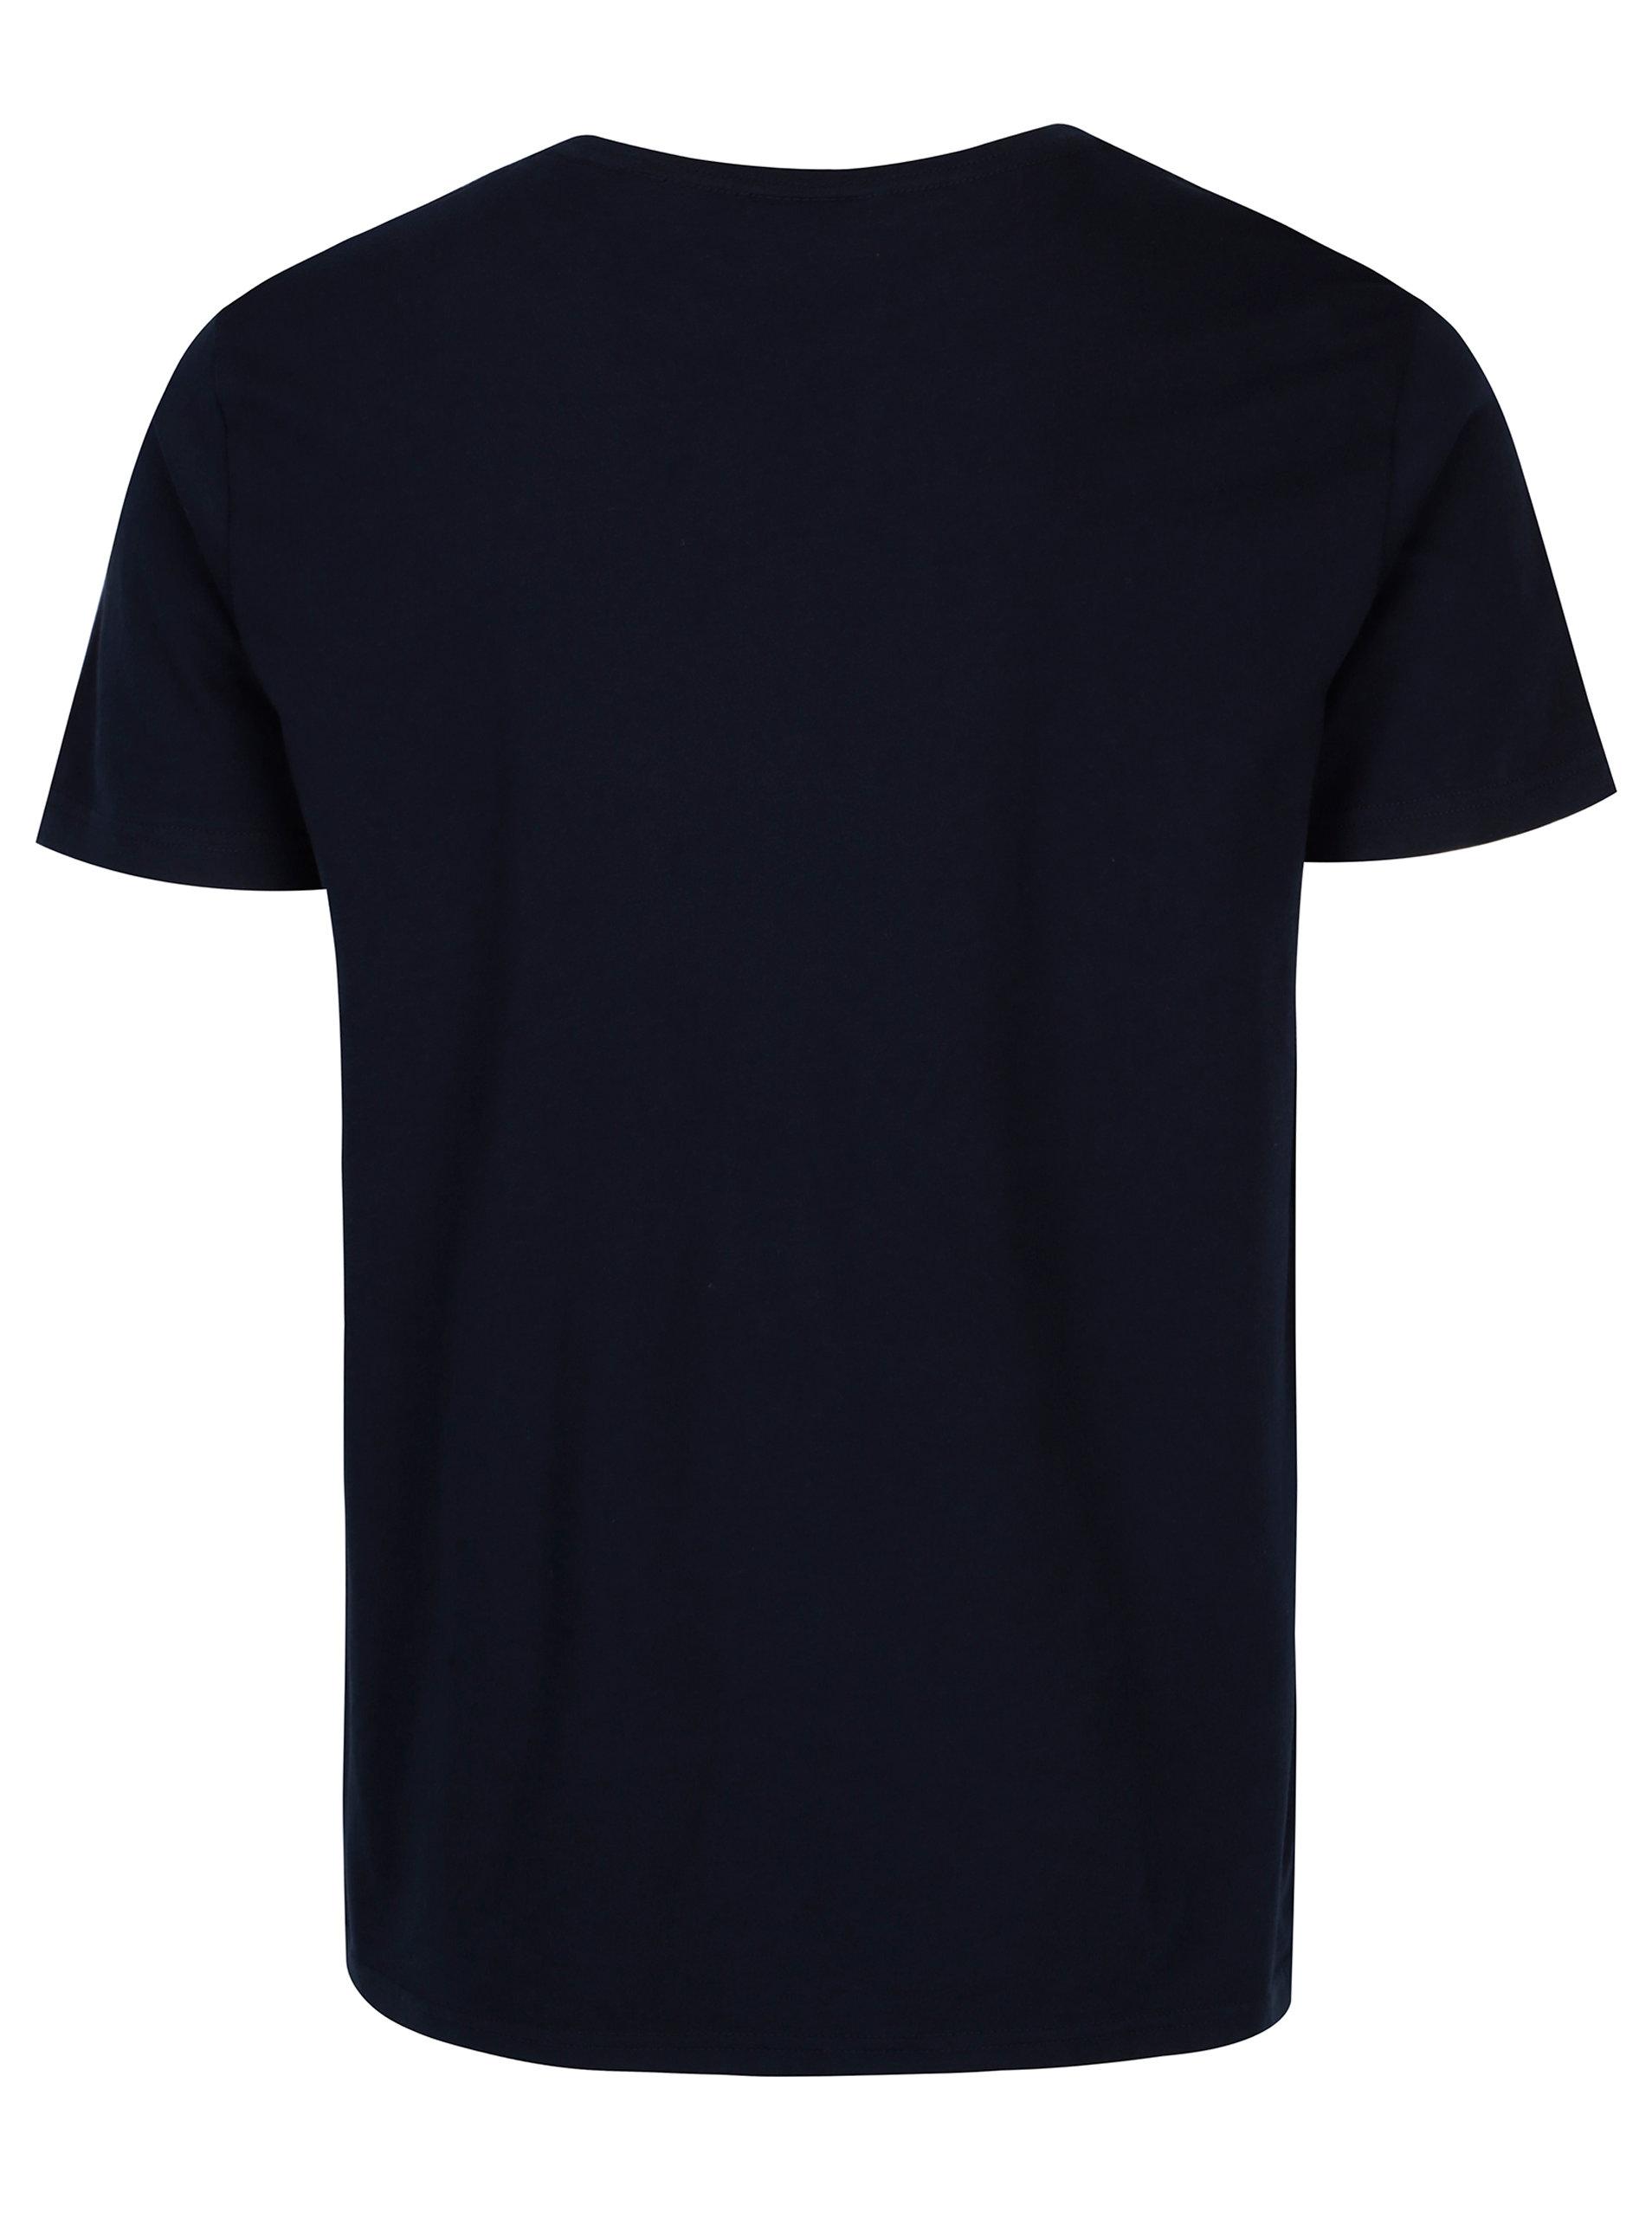 8d248d04bc24 Tmavomodré pánske tričko s krátkym rukávom a potlačou loga GANT ...